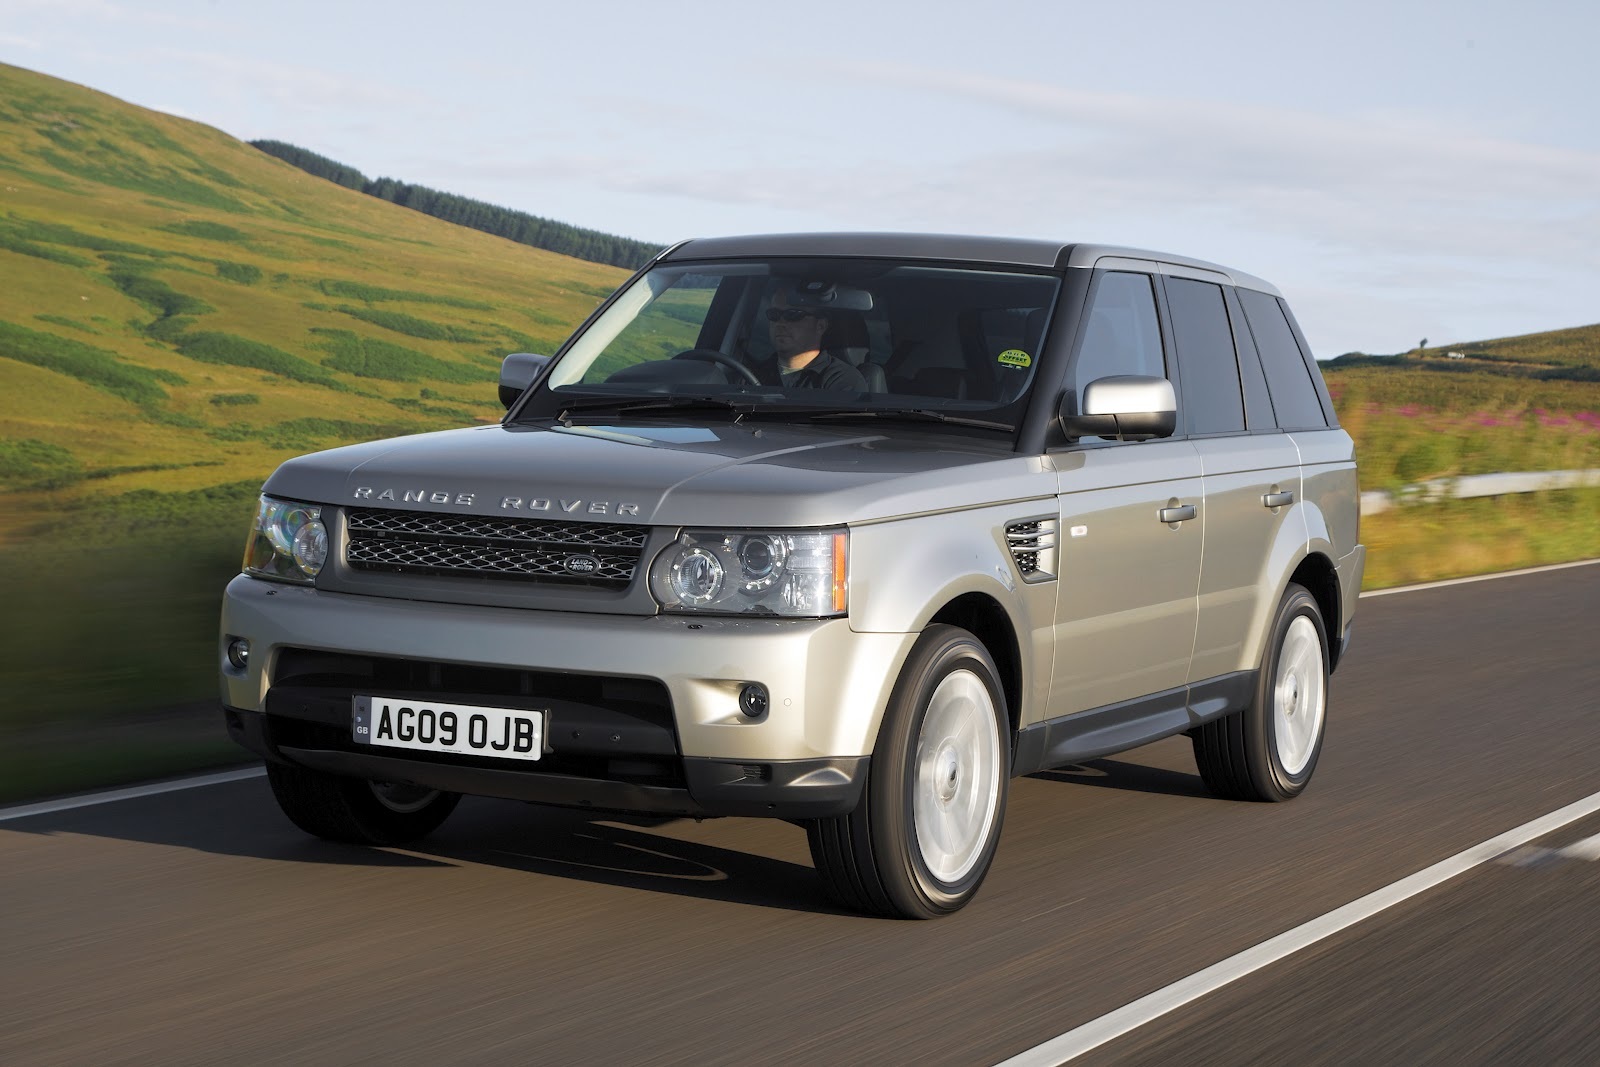 Angelsport Ersatz Rad Abdeckung Träger Hechtangeln Vinyl-folie 4x4 Land Rover Freelander Klar Und Unverwechselbar